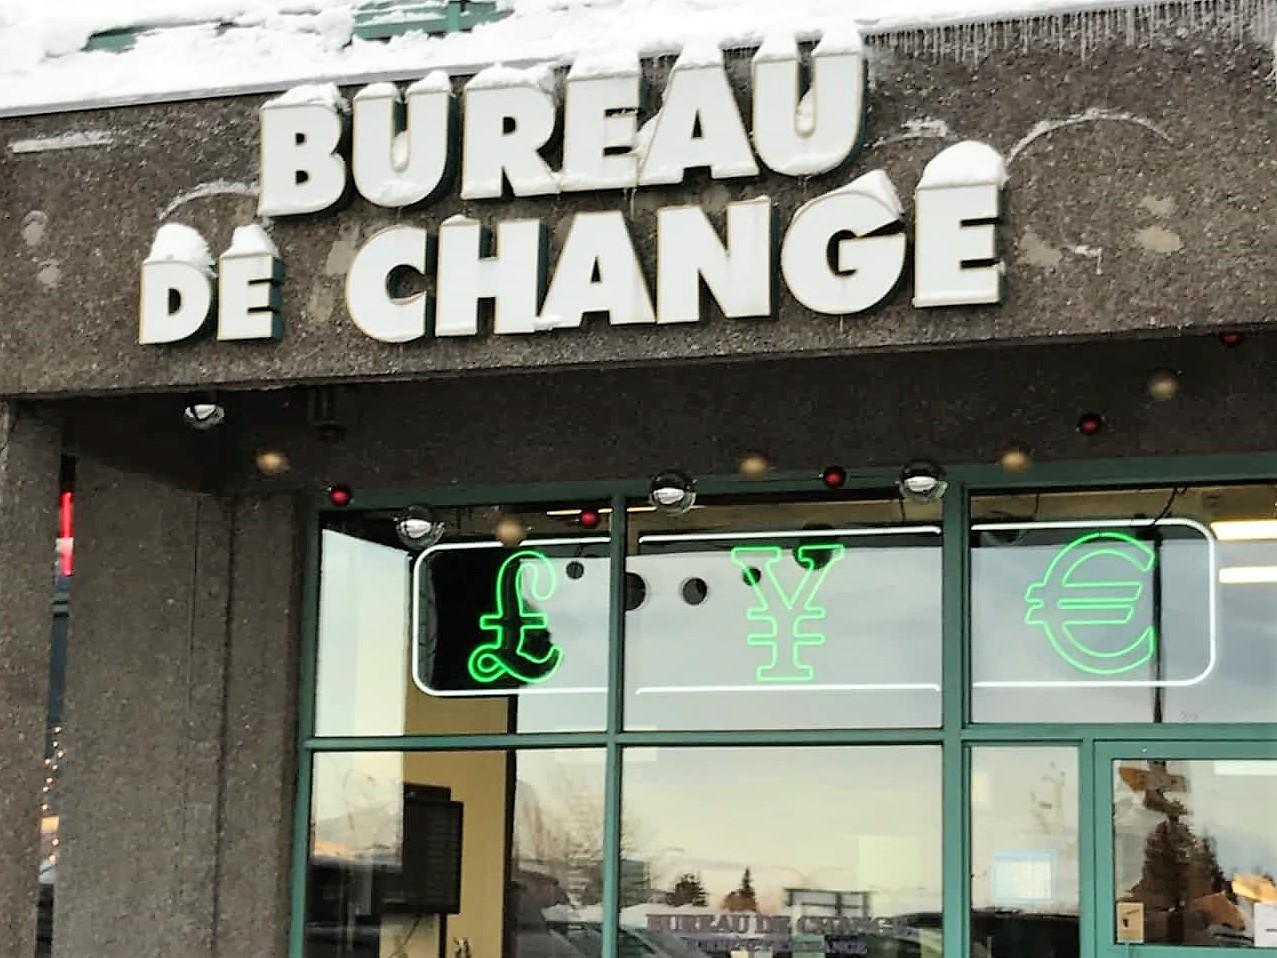 Pointe claire ice canada - Bureau de change sans frais ...